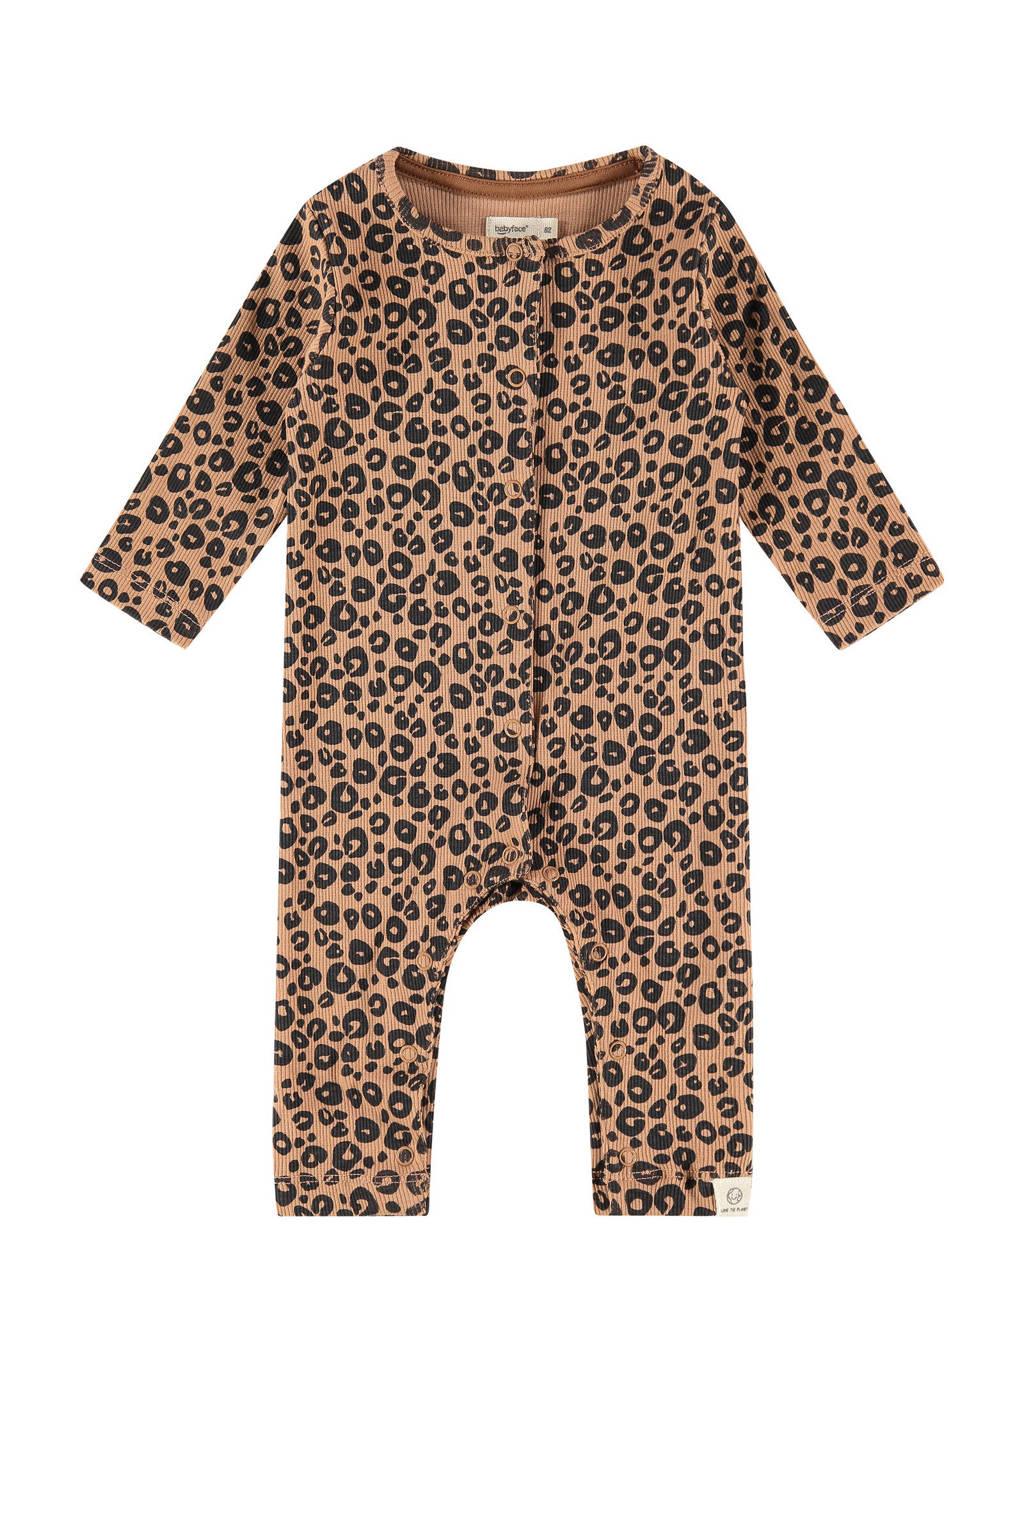 Babyface baby boxpak met all over print bruin/zwart, Bruin/zwart